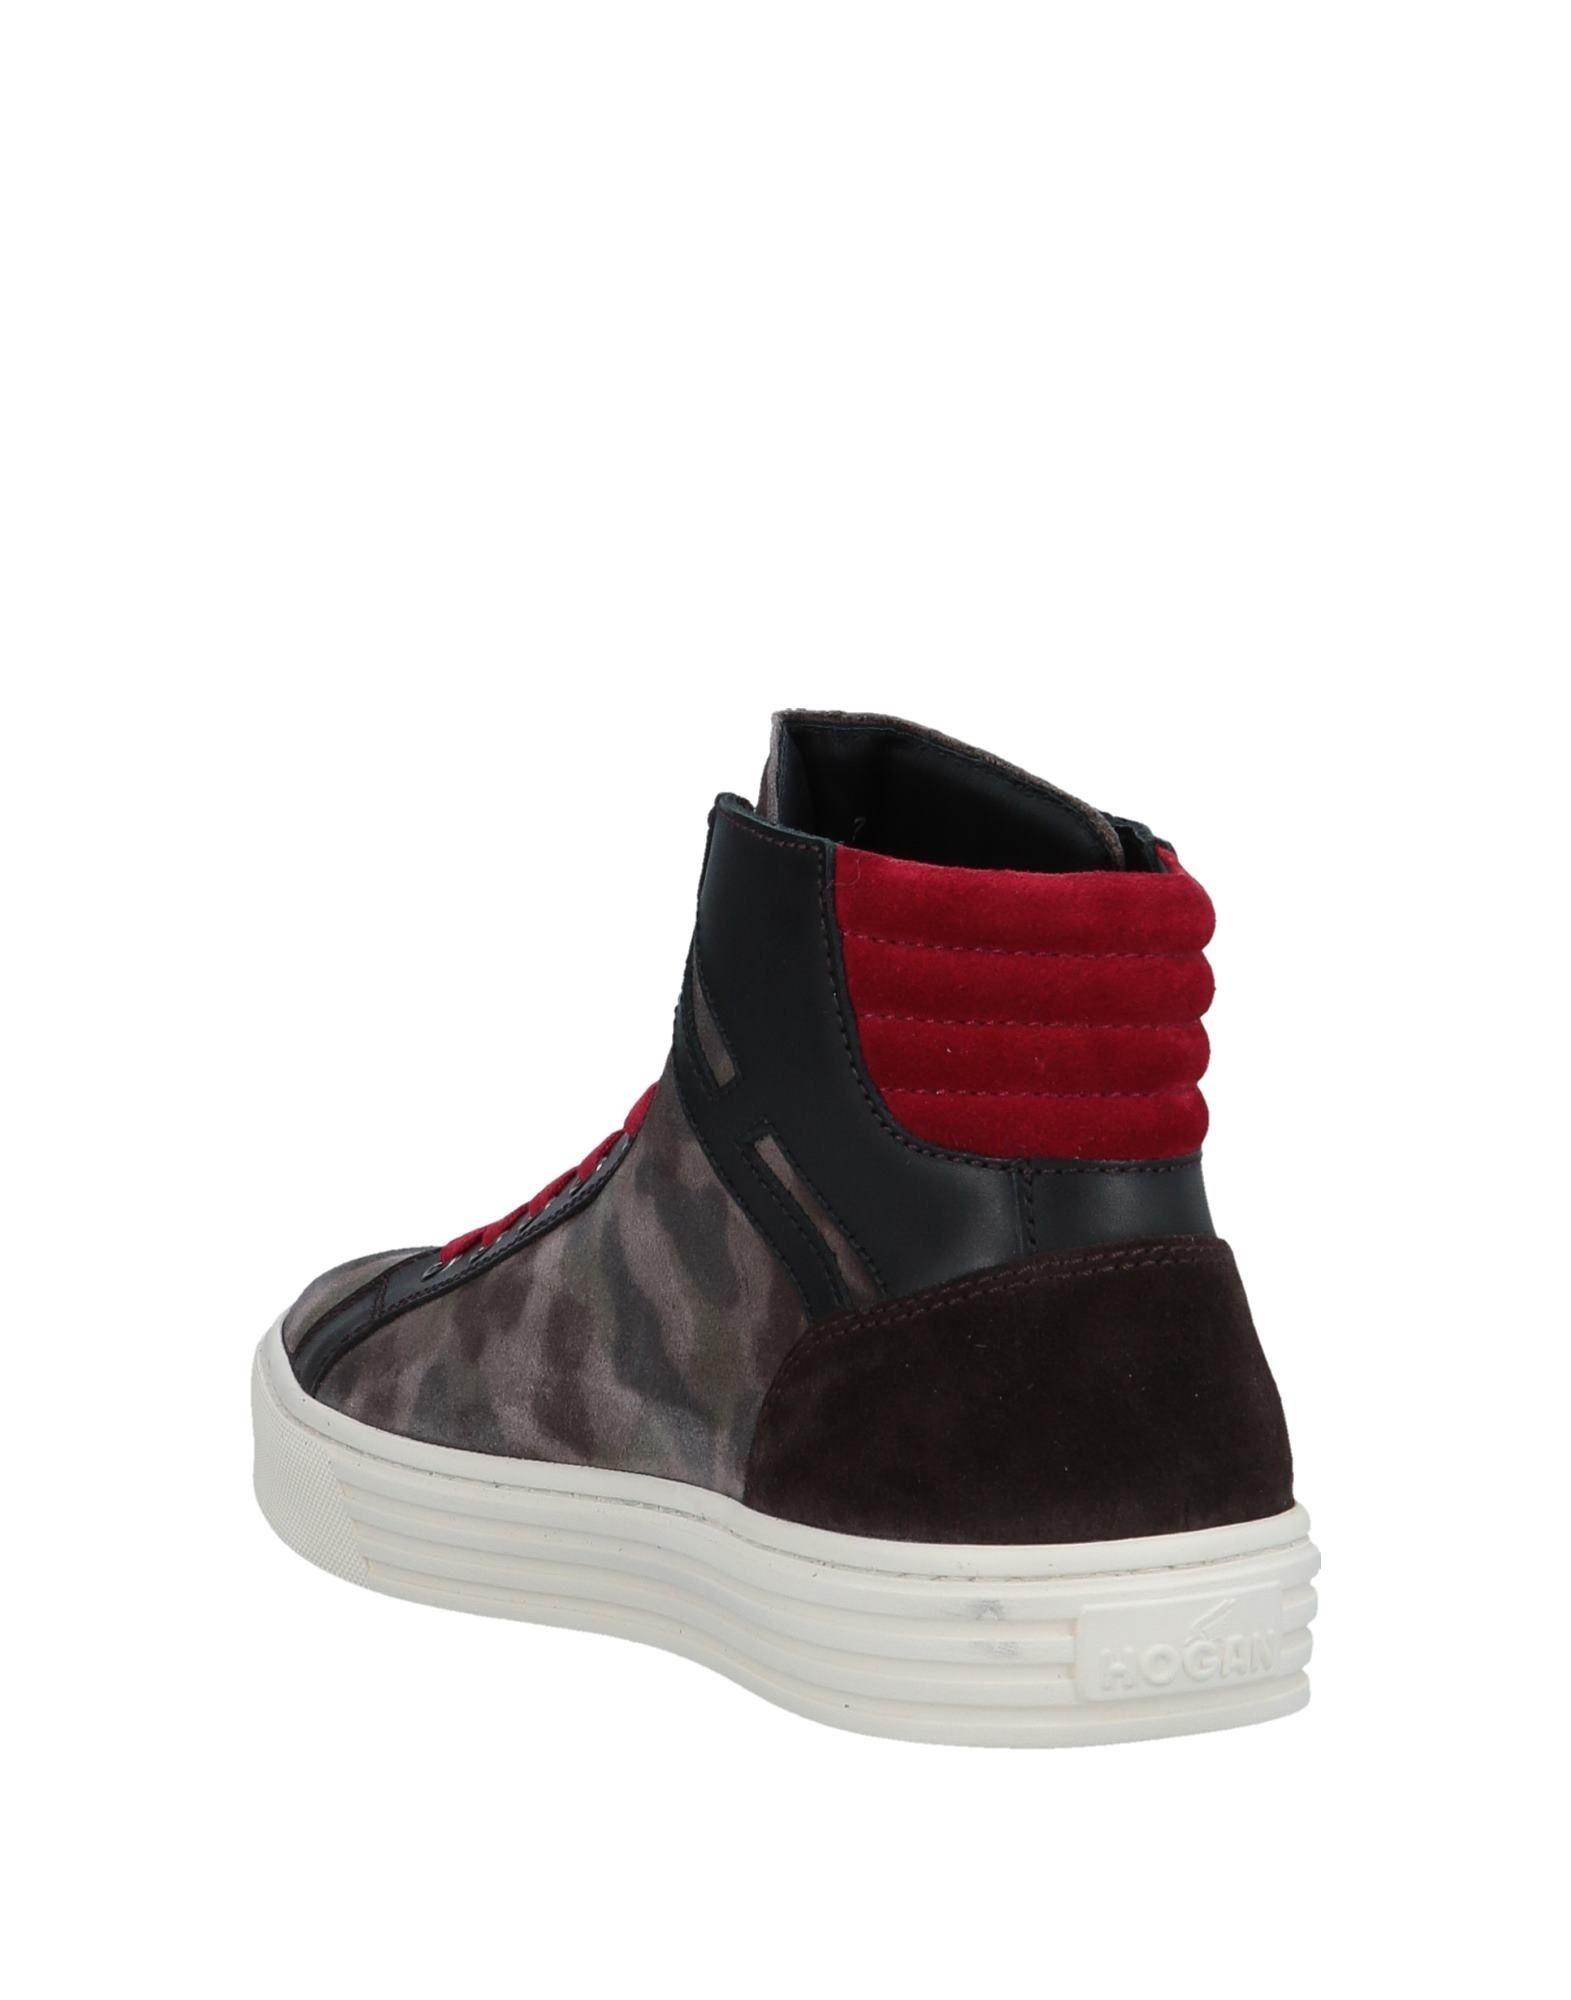 Hogan Rebel Sneakers Herren  Schuhe 11560052EP Gute Qualität beliebte Schuhe  378a39